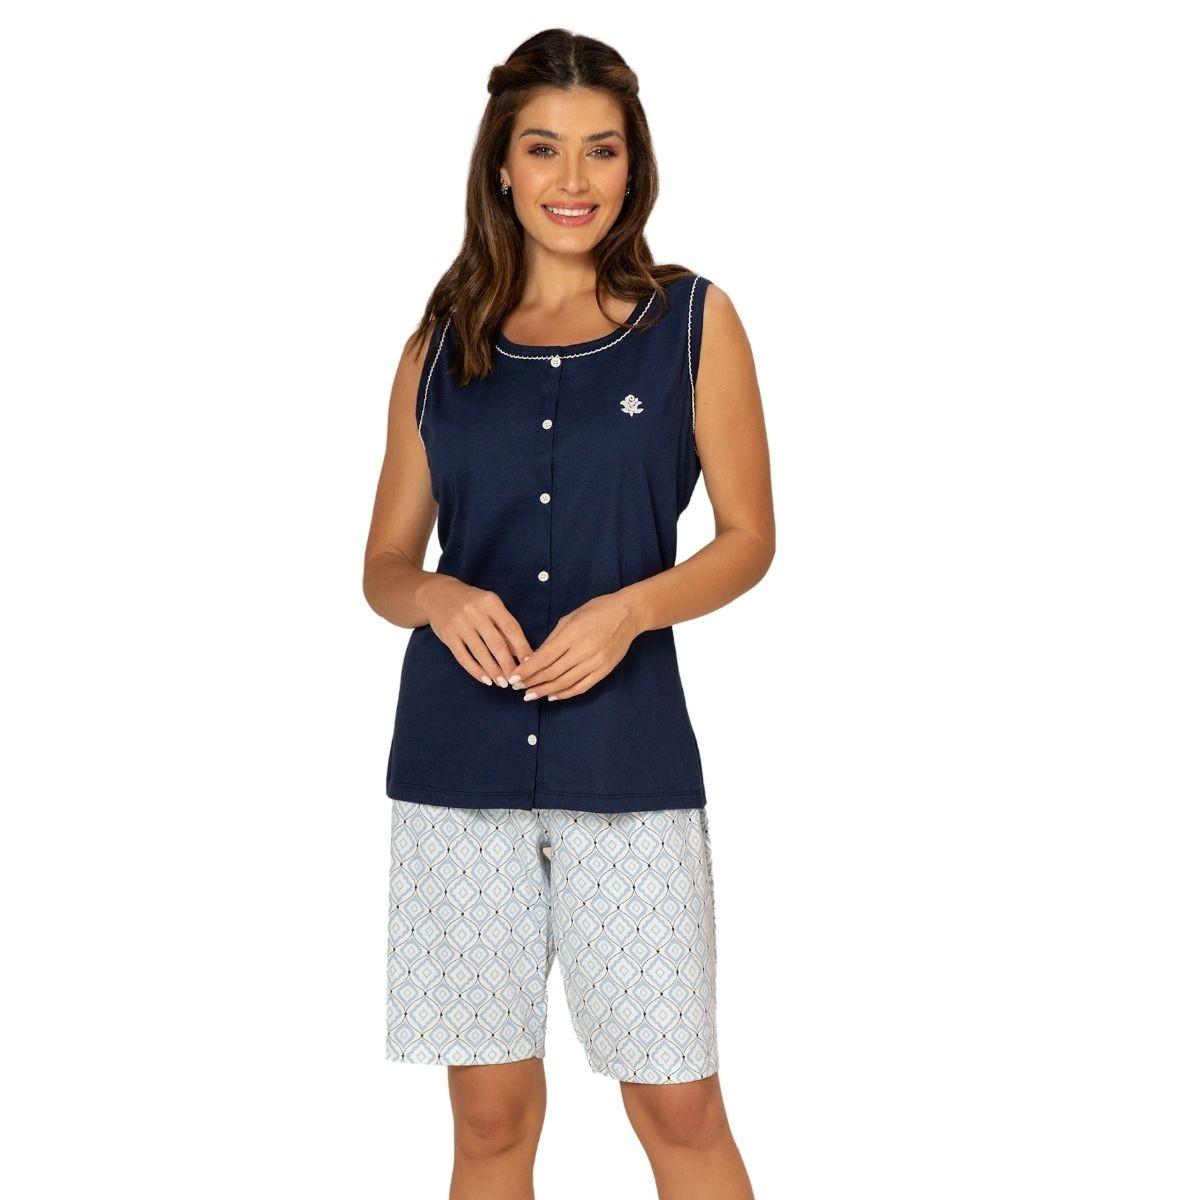 Pijama feminino pós cirúrgico blusa regata com botão bermuda